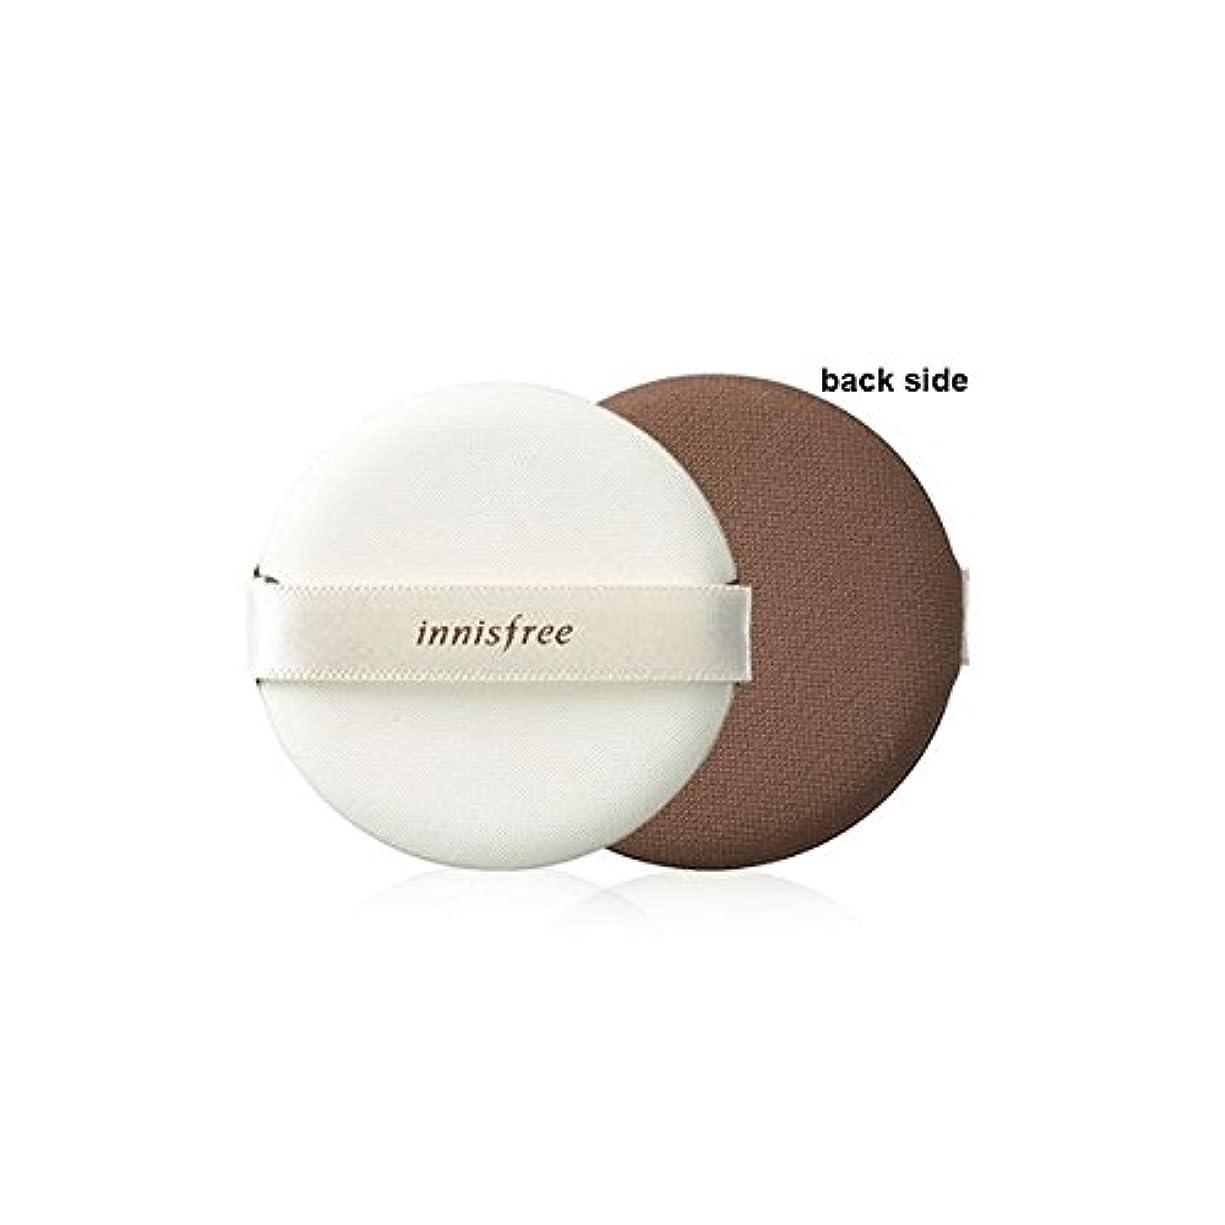 リーク来て怪物[イニスプリー] Innisfree エアマジックパフ-密着 [Innisfree] Eco Beauty Tool Air Magic Puff-Fitting [海外直送品]